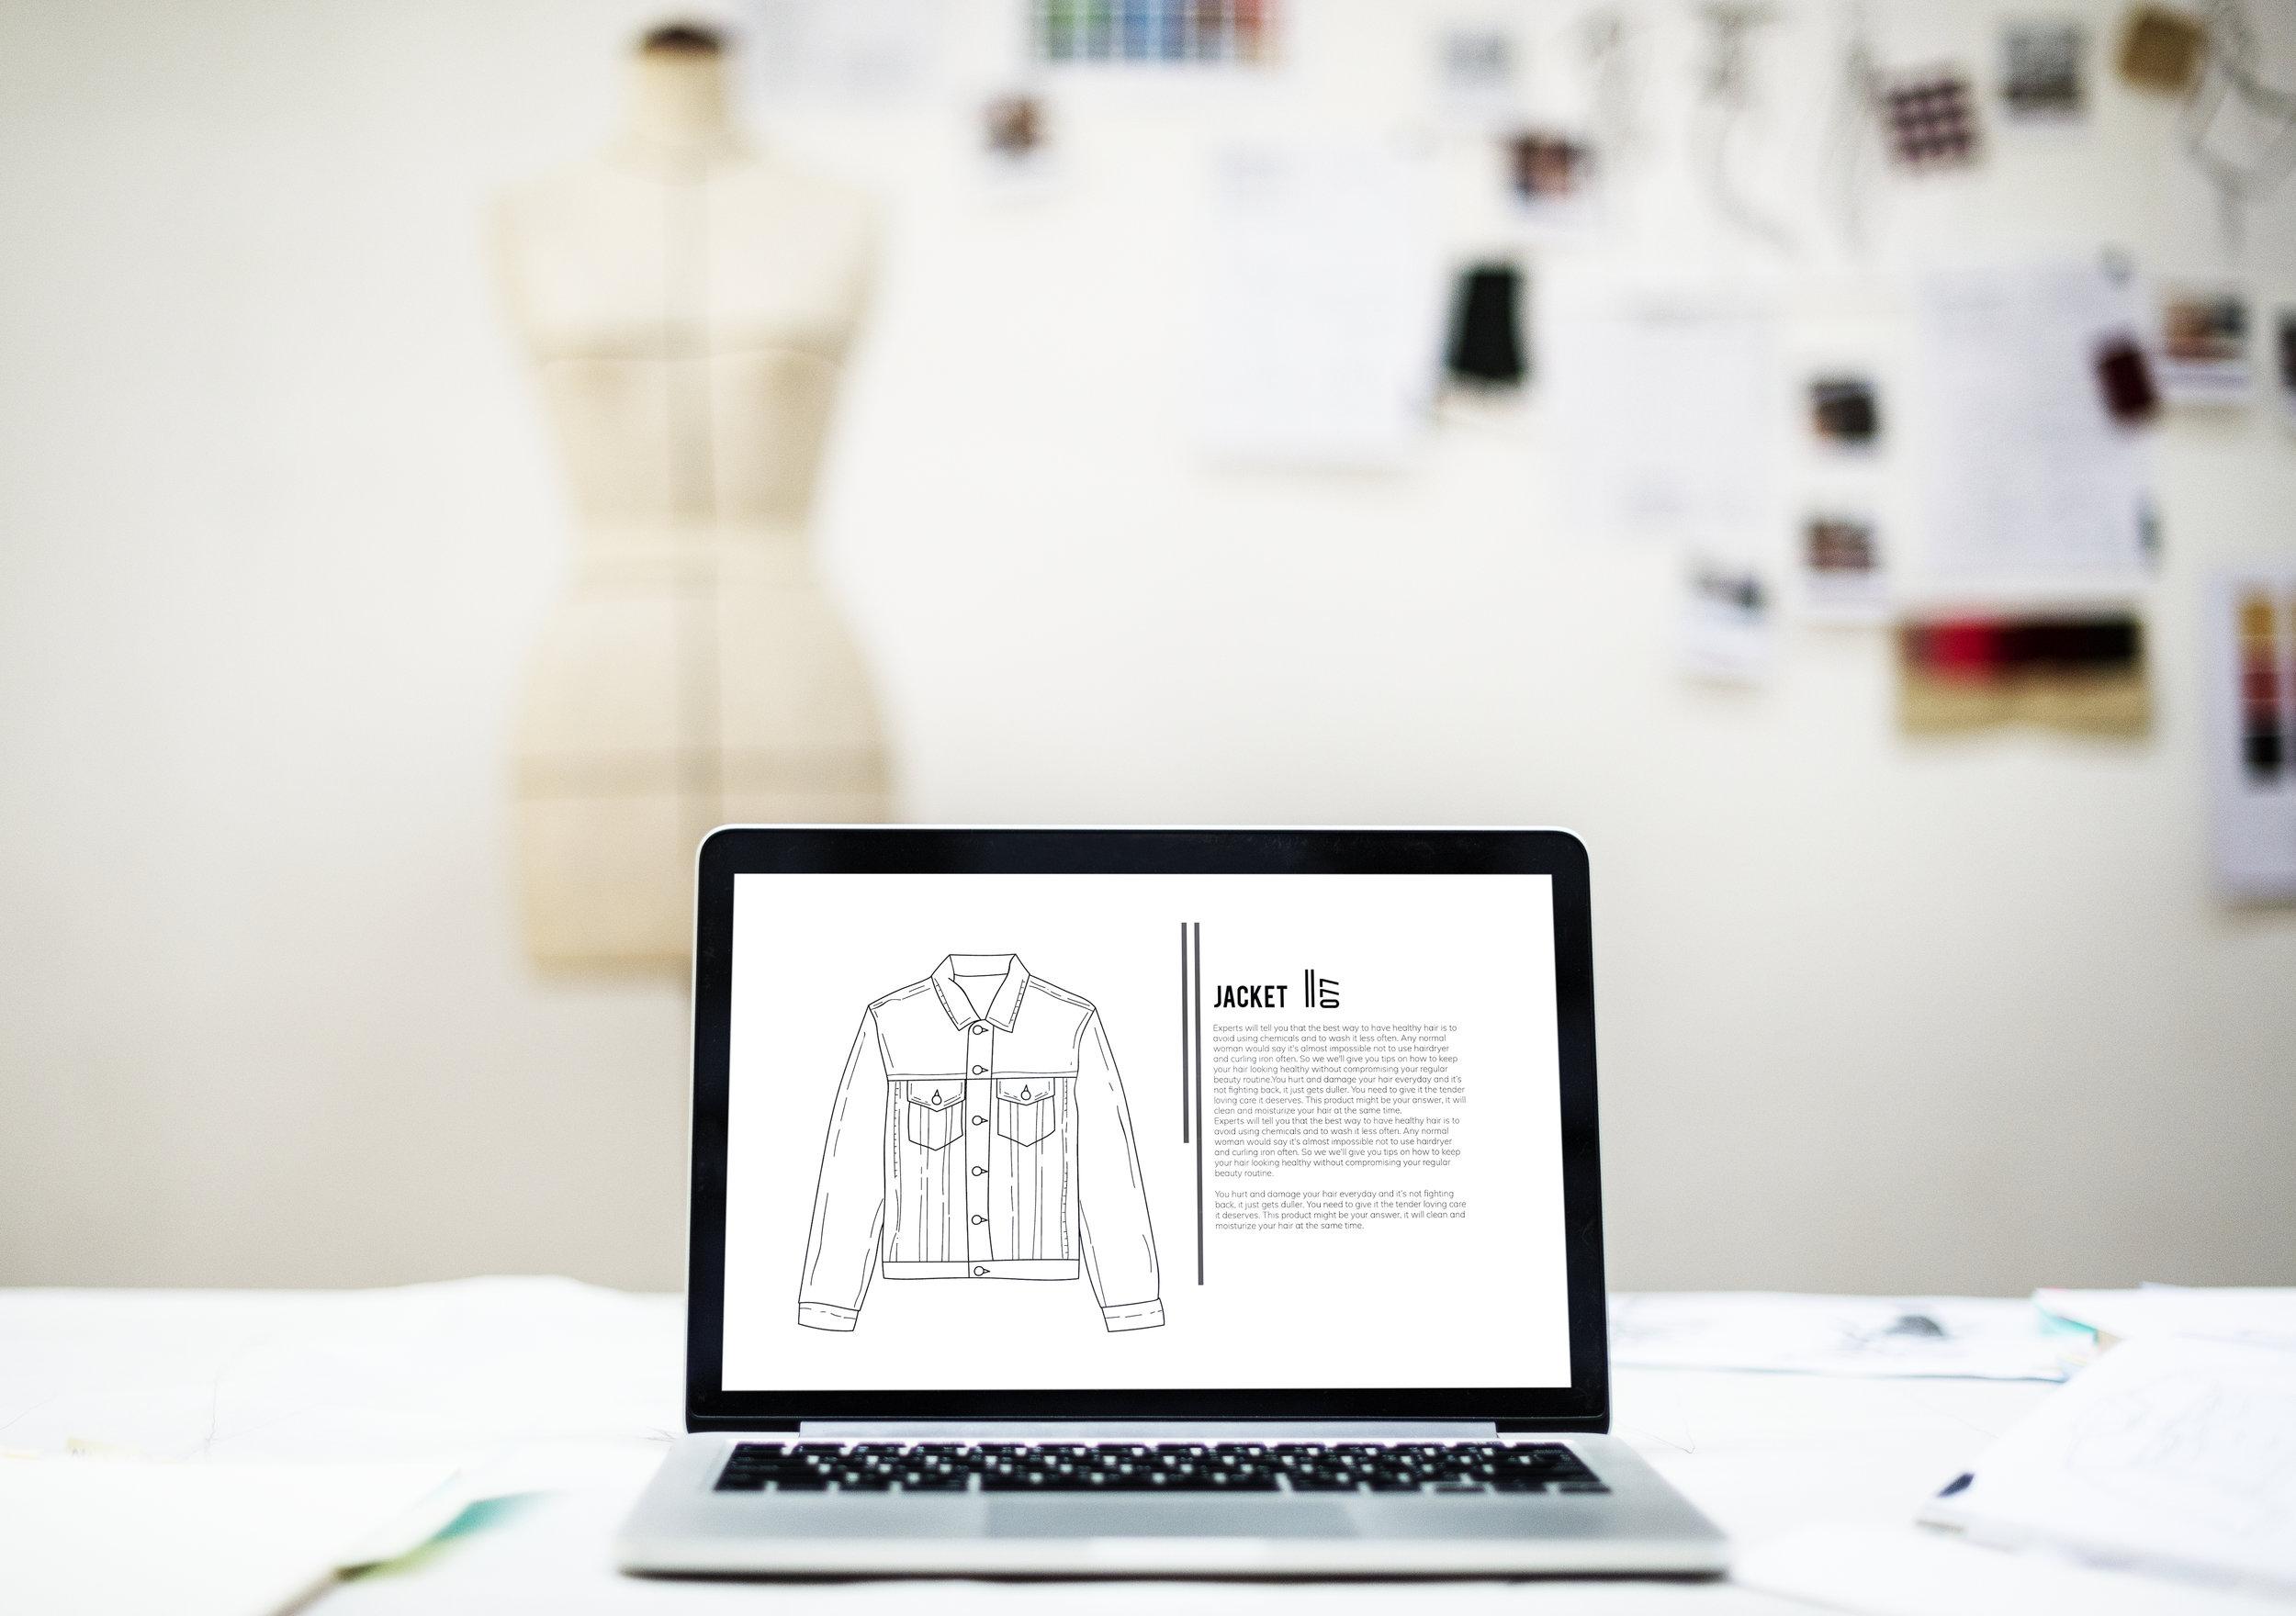 Vuoi creare il tuo brand? - All'interno del progetto Be A Designerpossiamo aiutarti a costruire il tuo brand utilizzando il metodo Fashion Business Planner